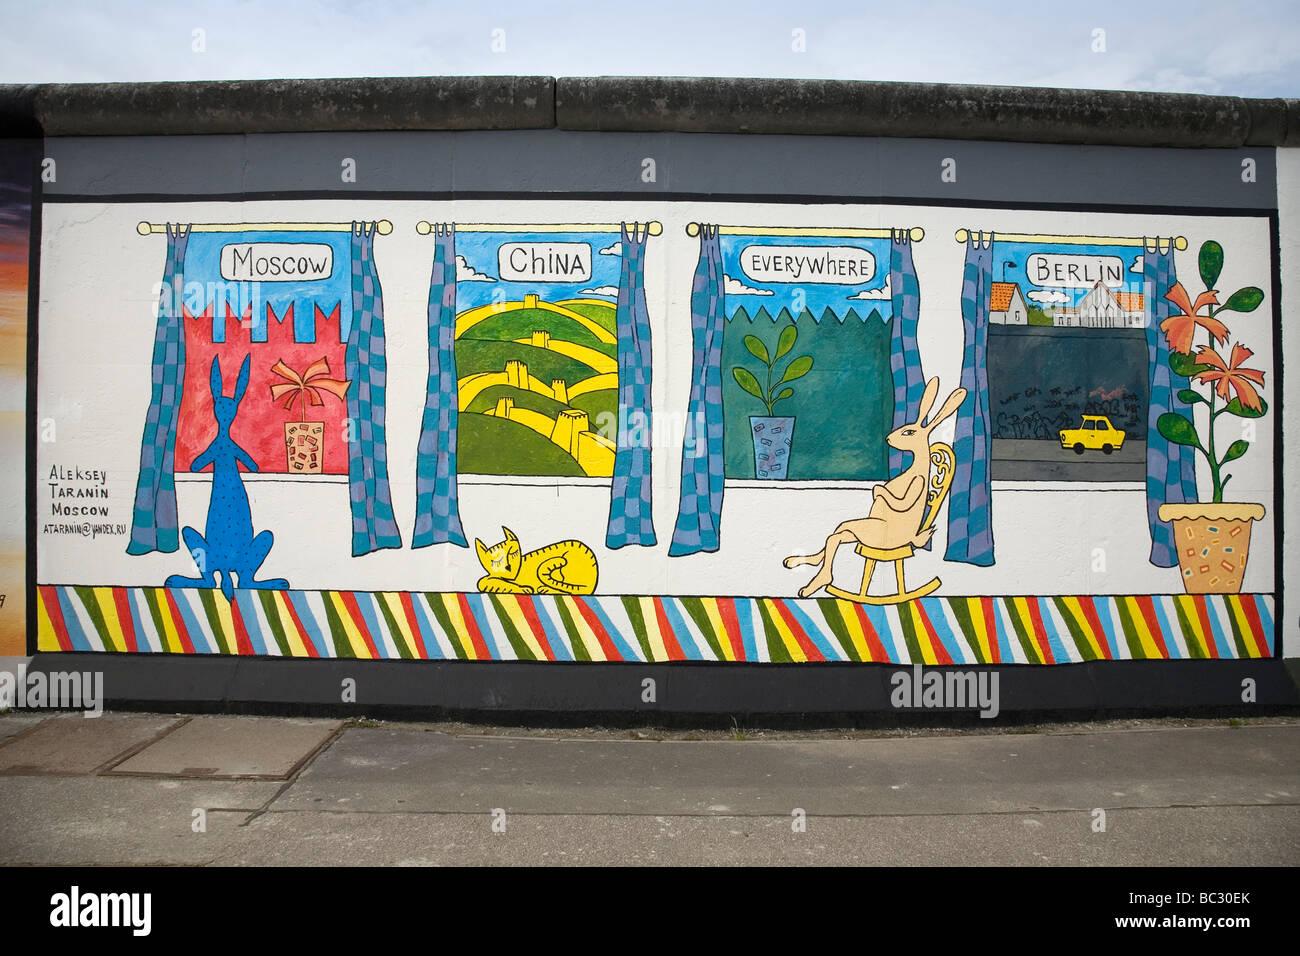 Berlin Wall, East Side Gallery, Berlin, Germany - Stock Image